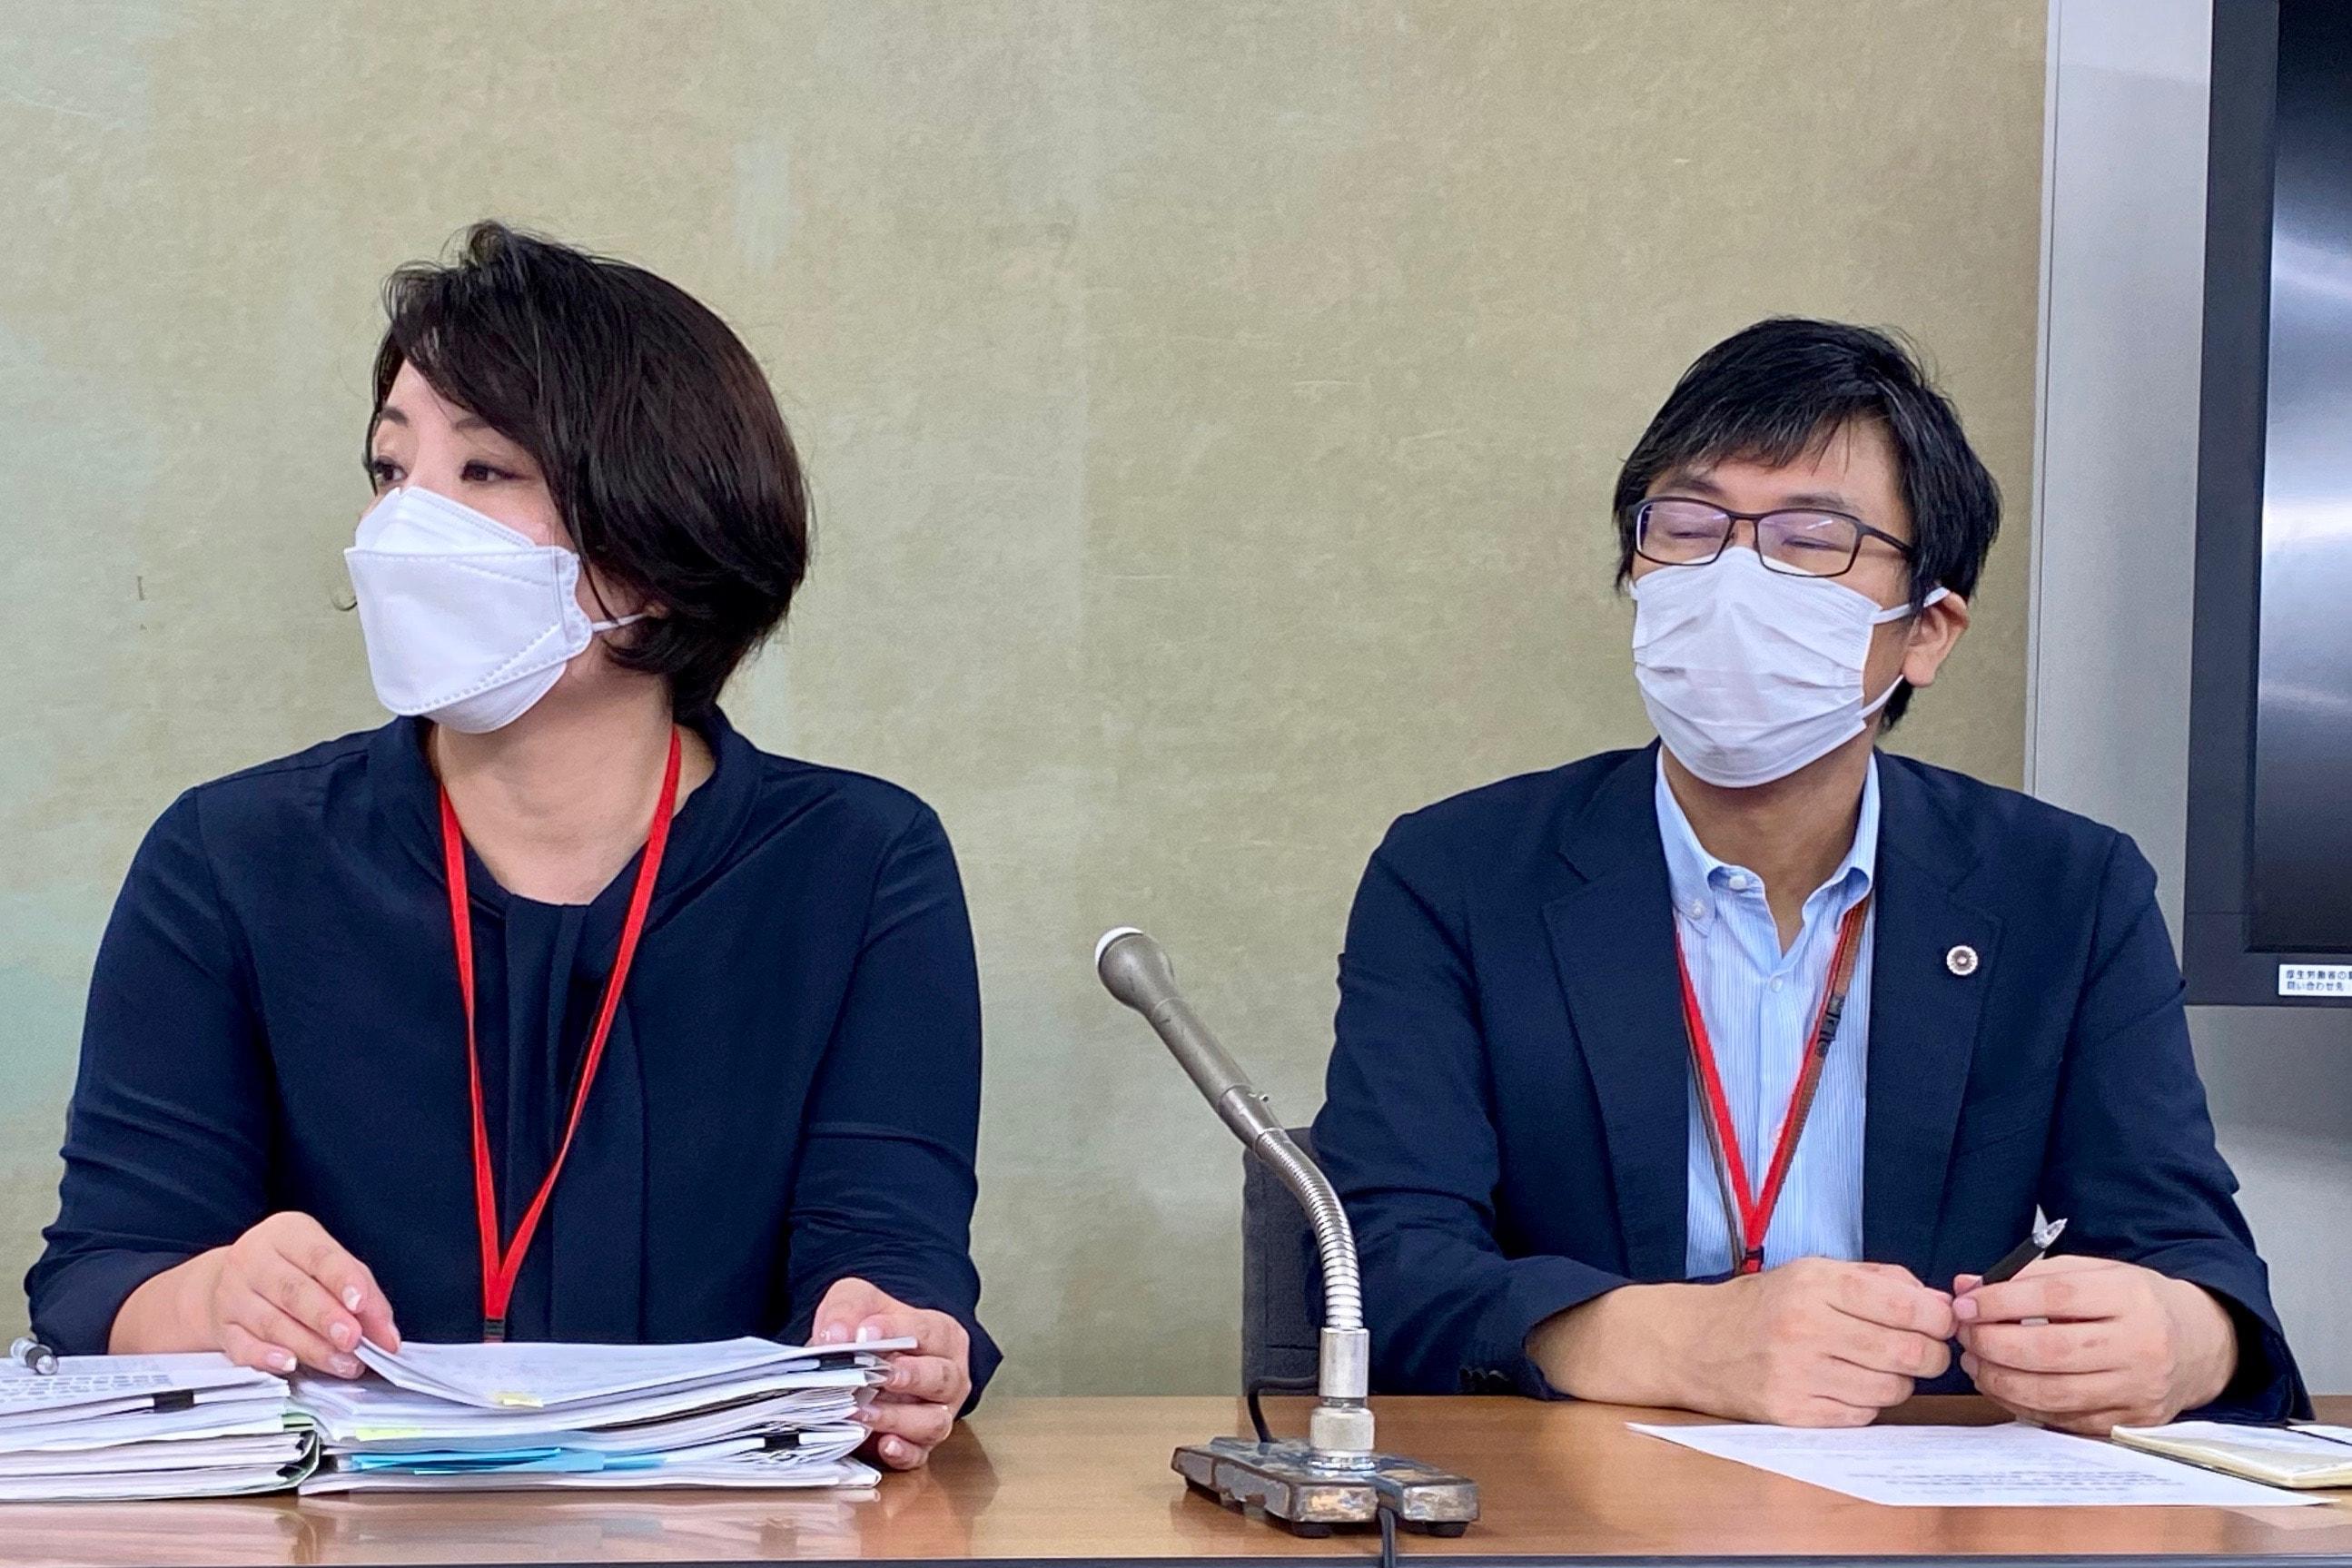 女性の代理人の小野山弁護士(左)、佐々木弁護士